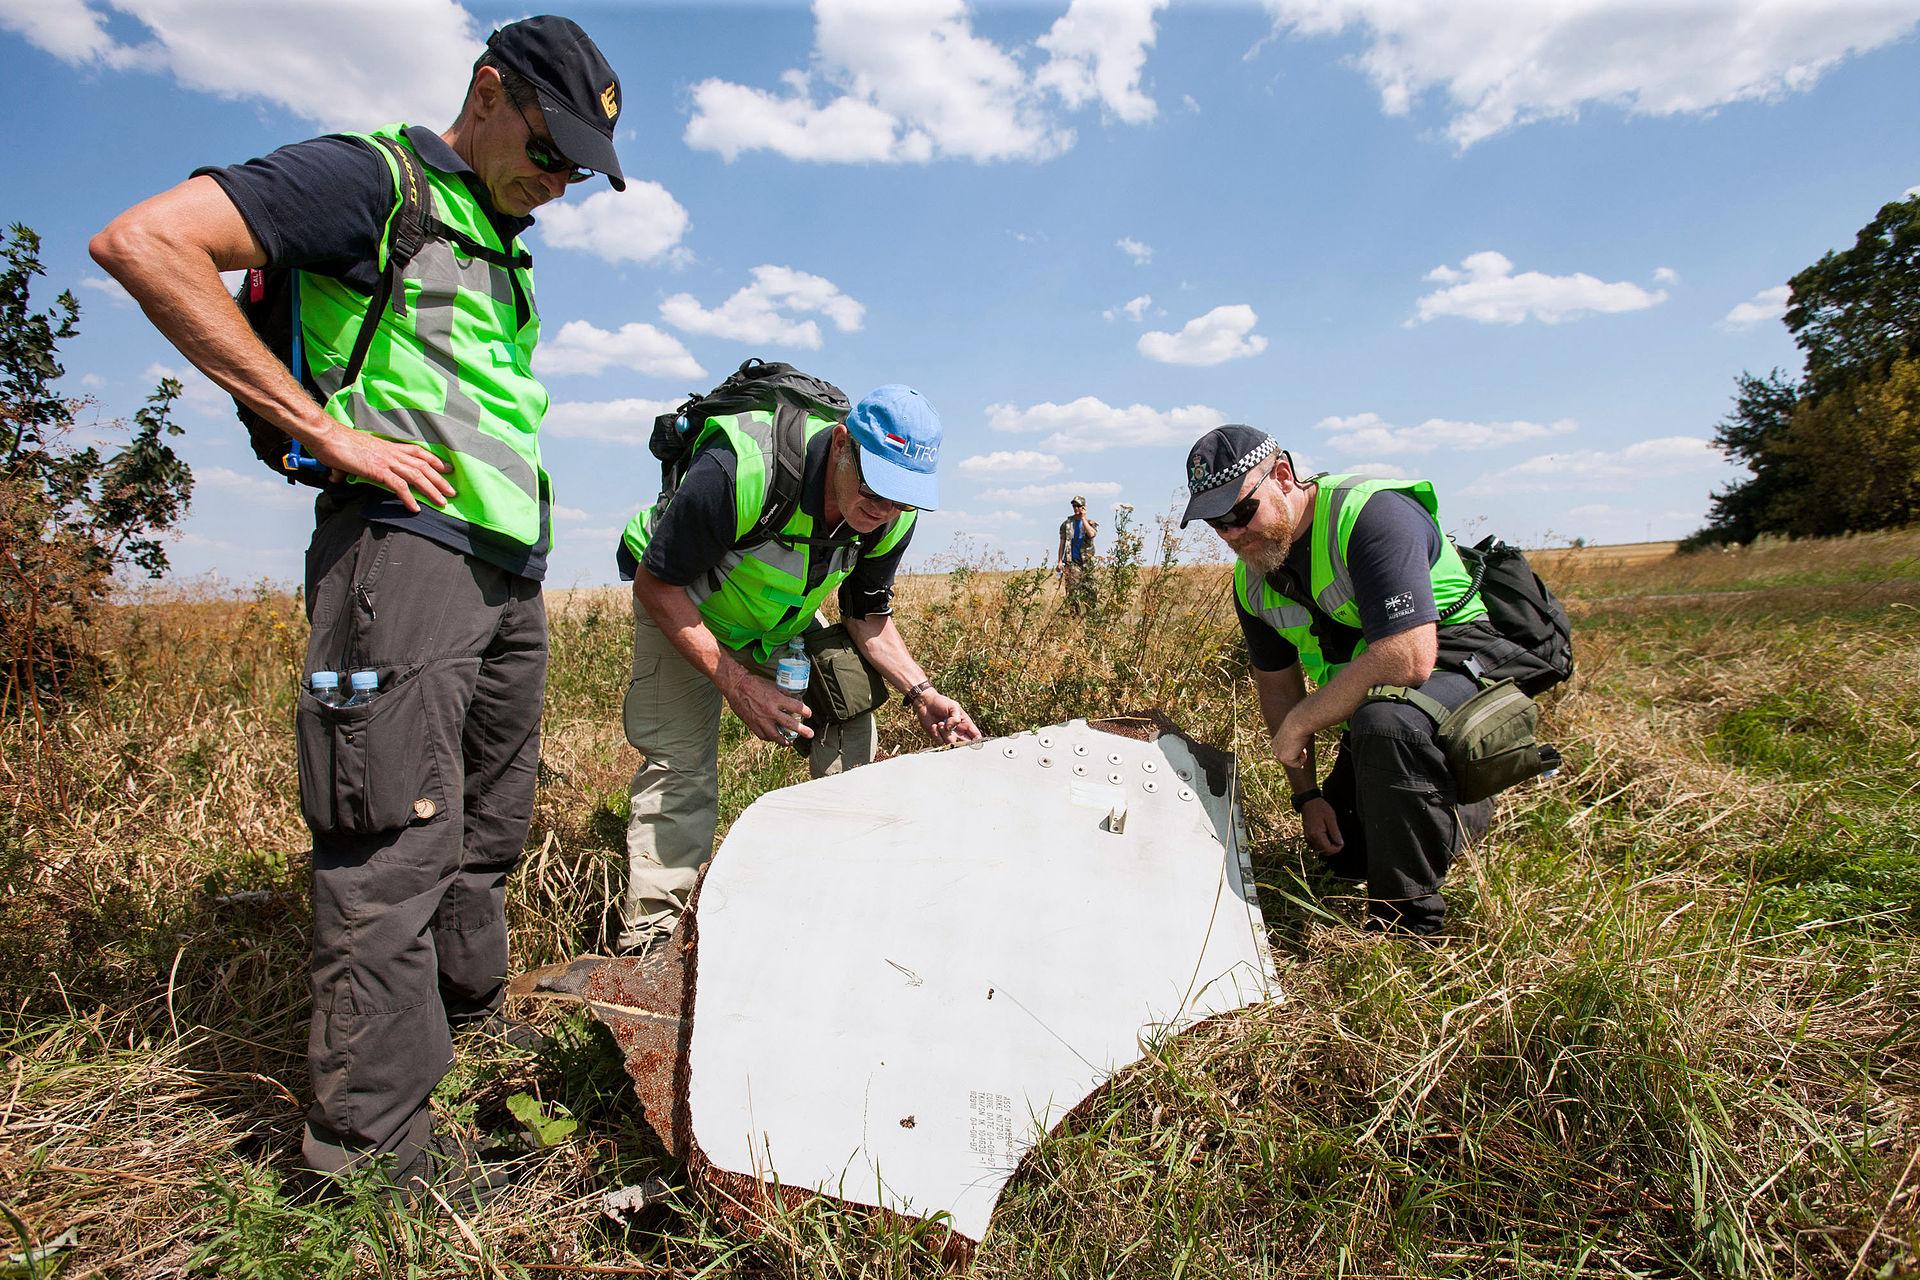 Nyderlandų ir Australijos tyrėjai avarijos vietoje 2014 m. rugpjūčio 4 d. | wikipedia.org nuotr.